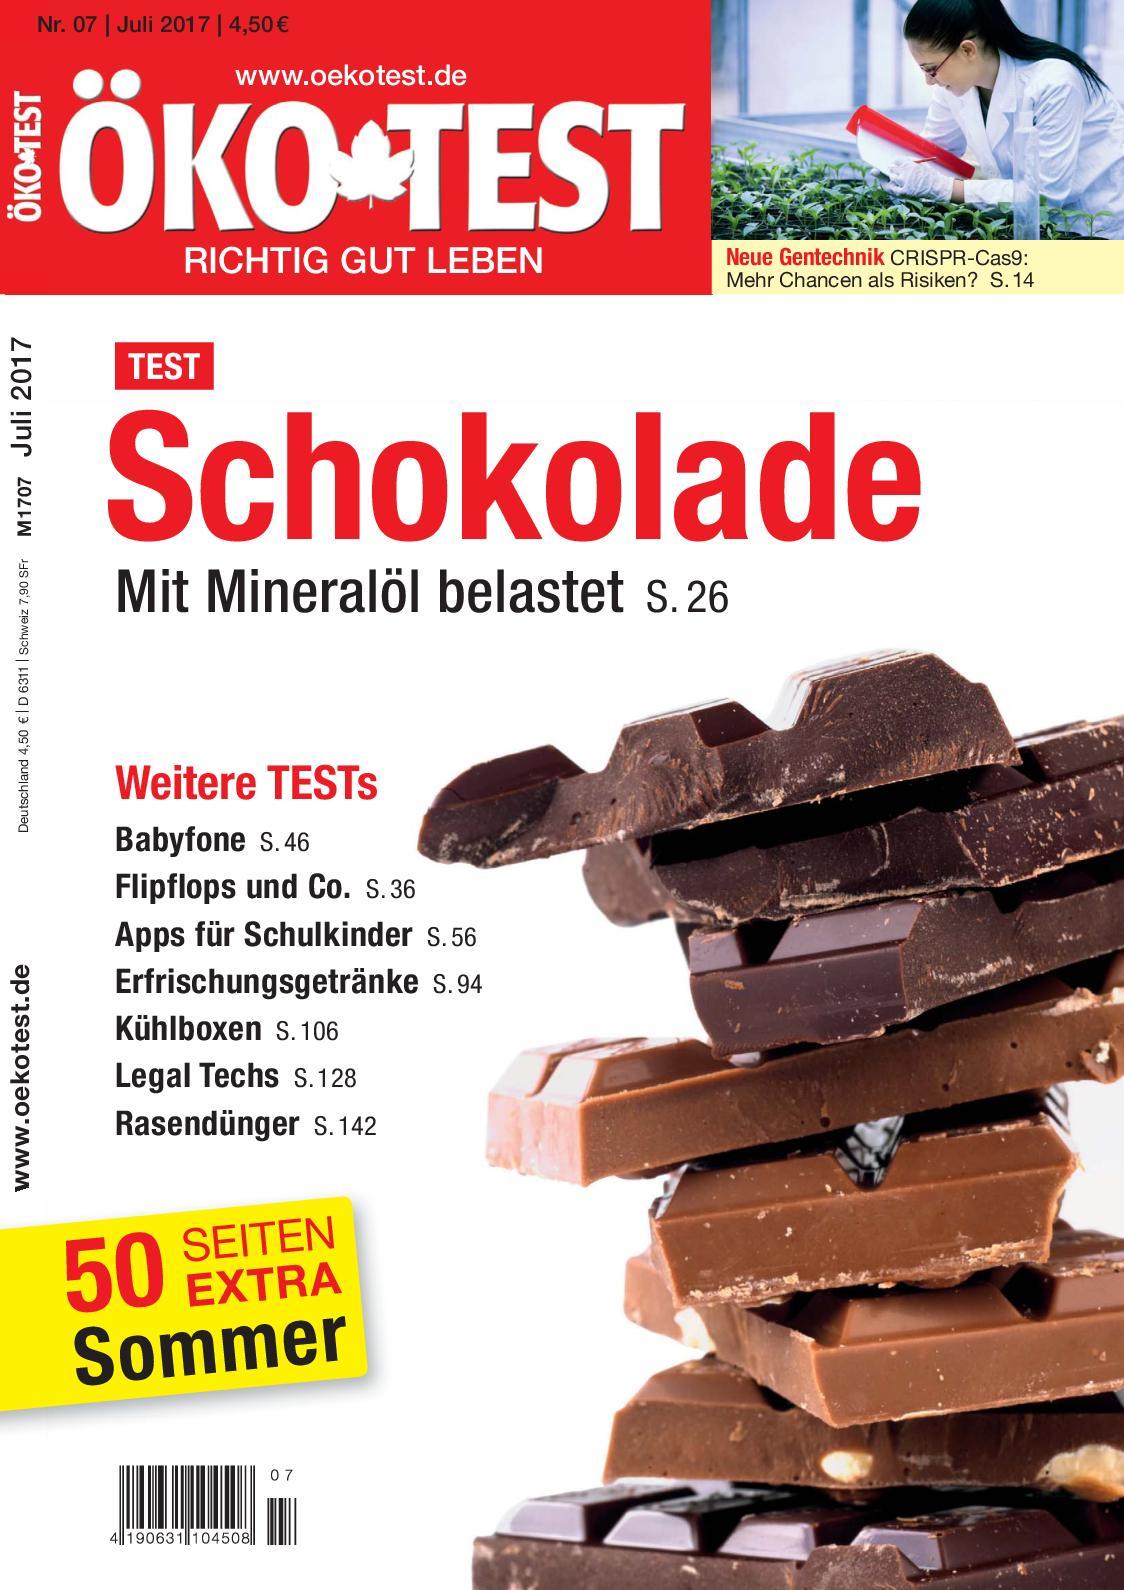 Möbel Frank Shop Supermarkt Regale Stoffe Racks Metall Regal Supermarkt Stehen Kostenloser Versand üBereinstimmung In Farbe